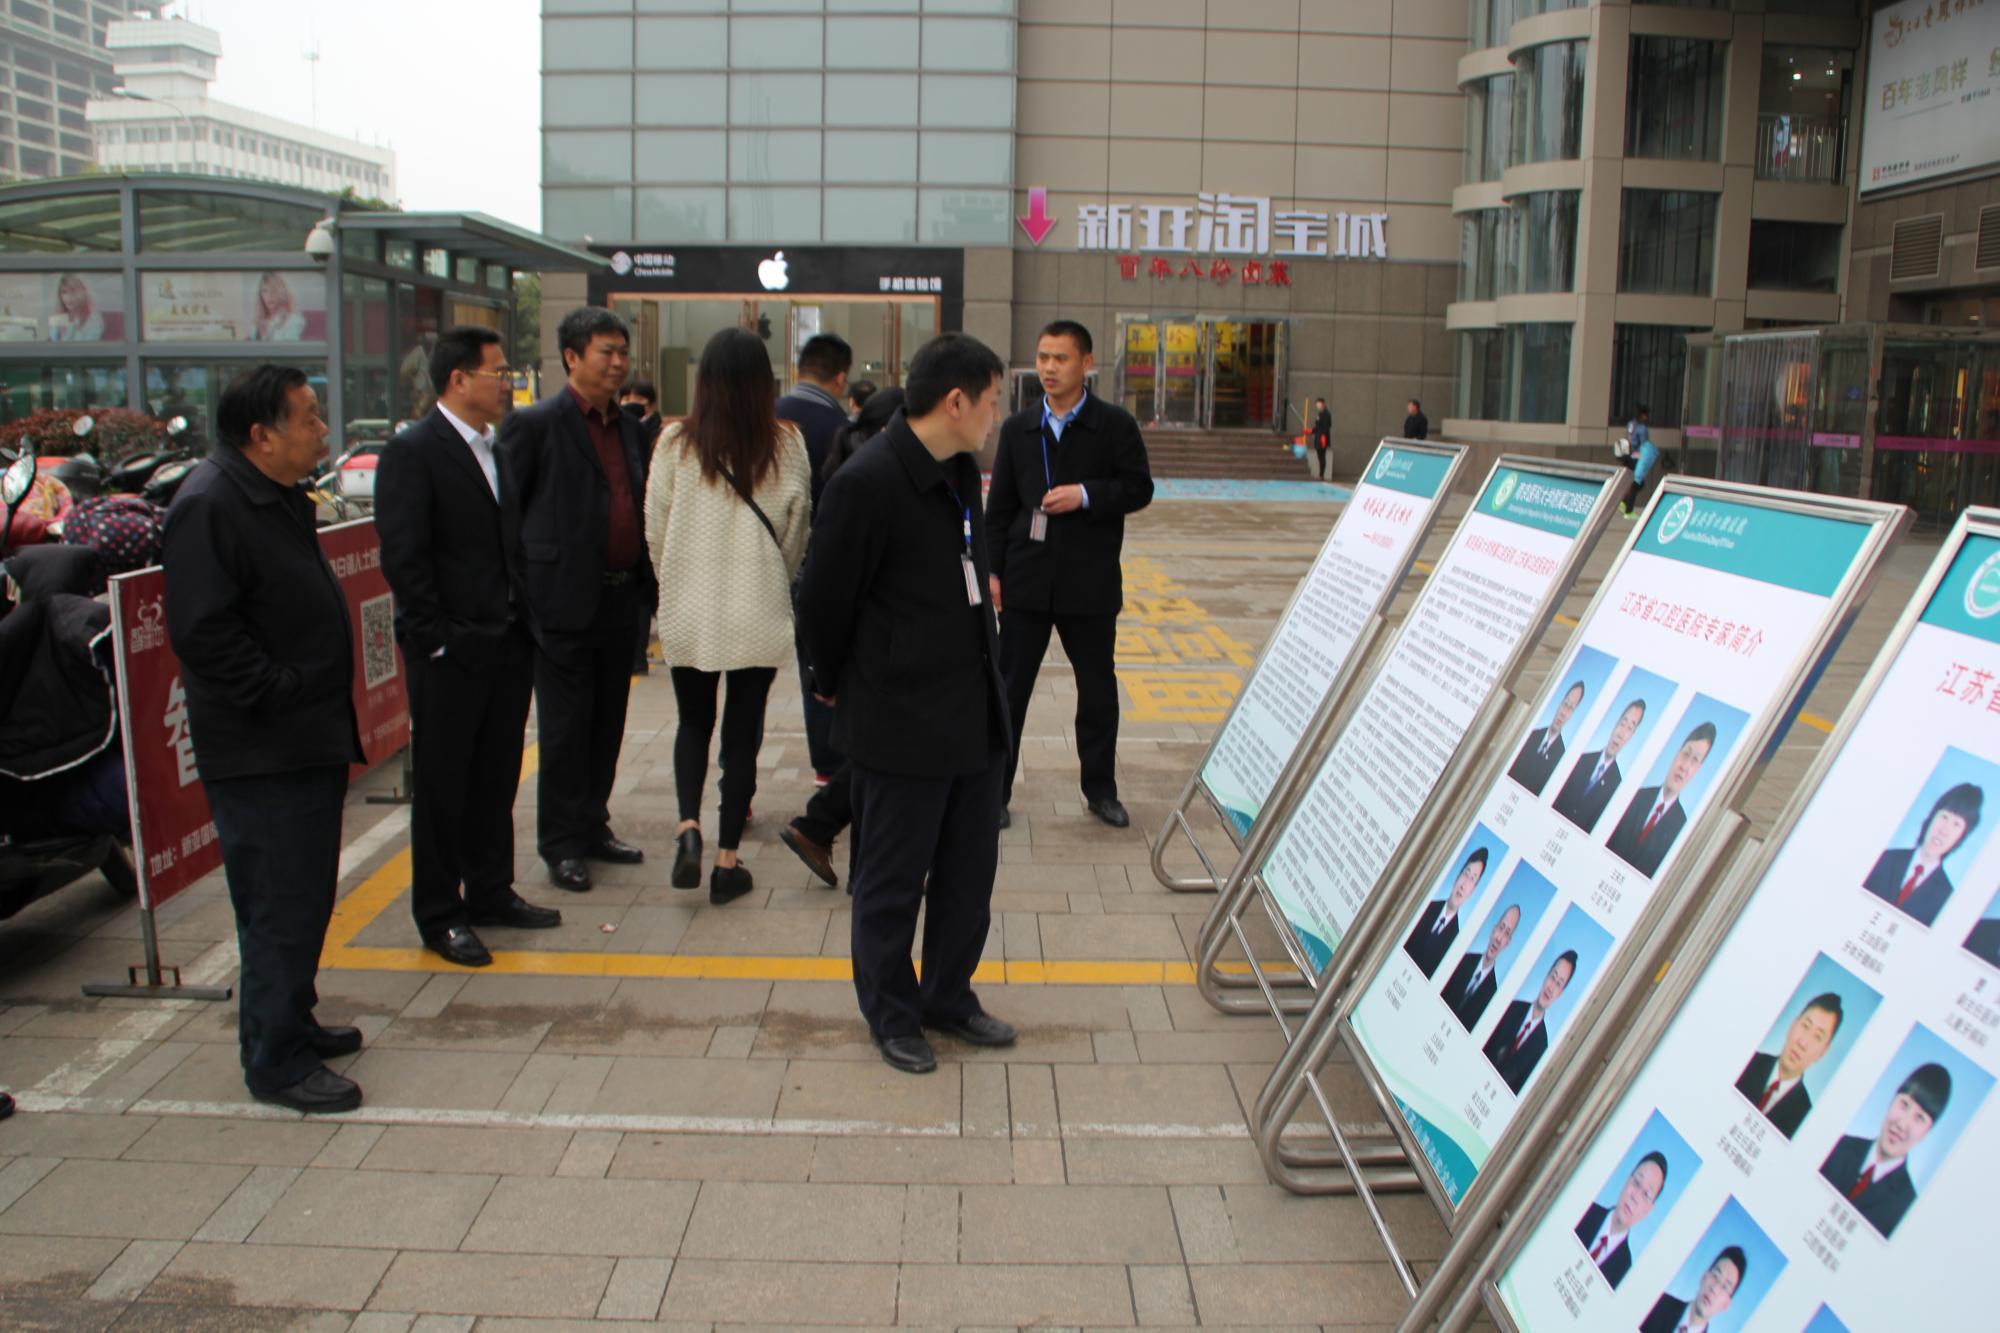 北京第一口腔医院门诊部宣传展板